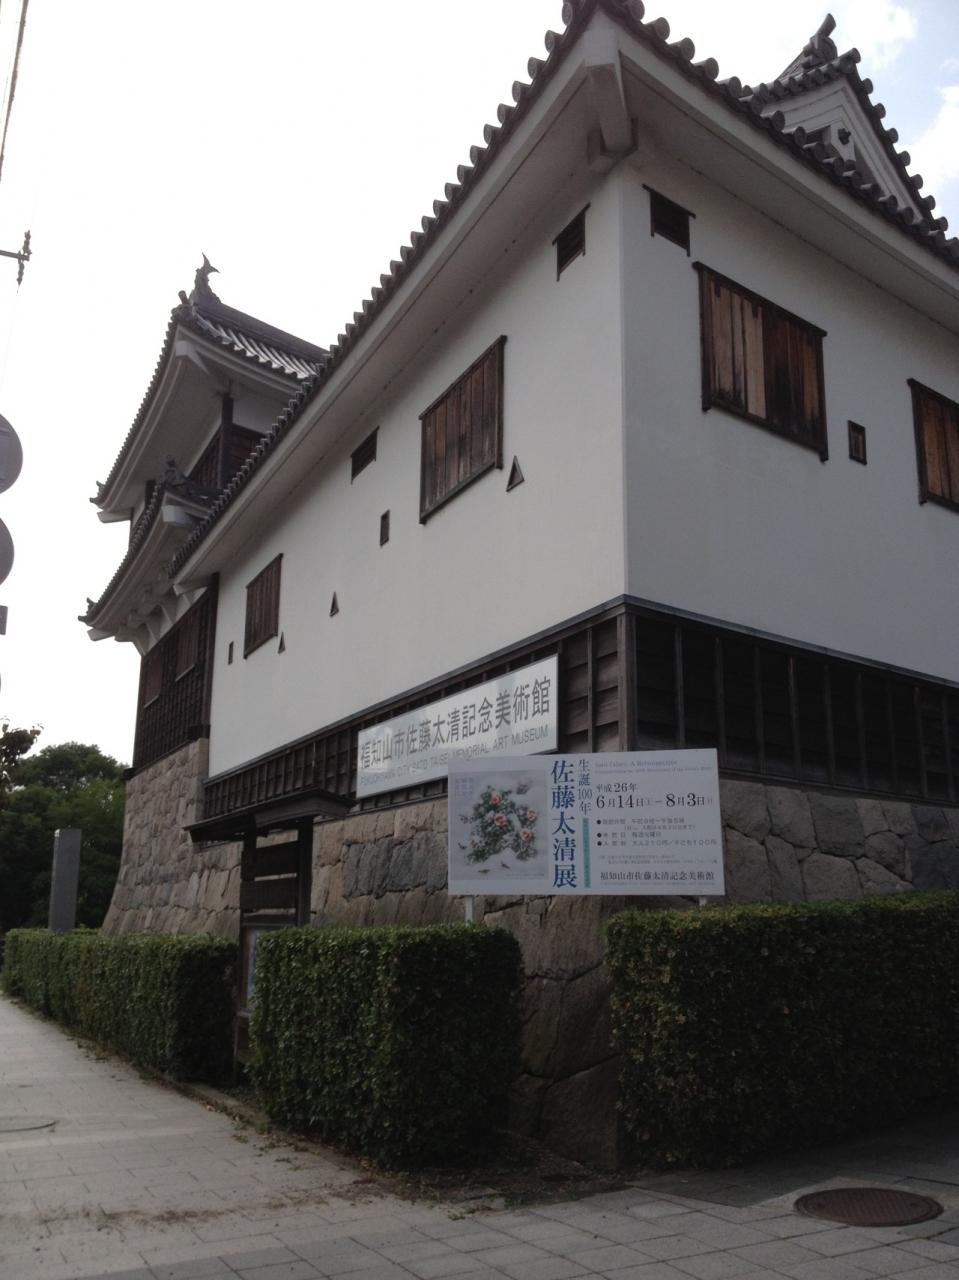 福知山市佐藤太清記念美術館 クチコミガイド【フォートラベル ...